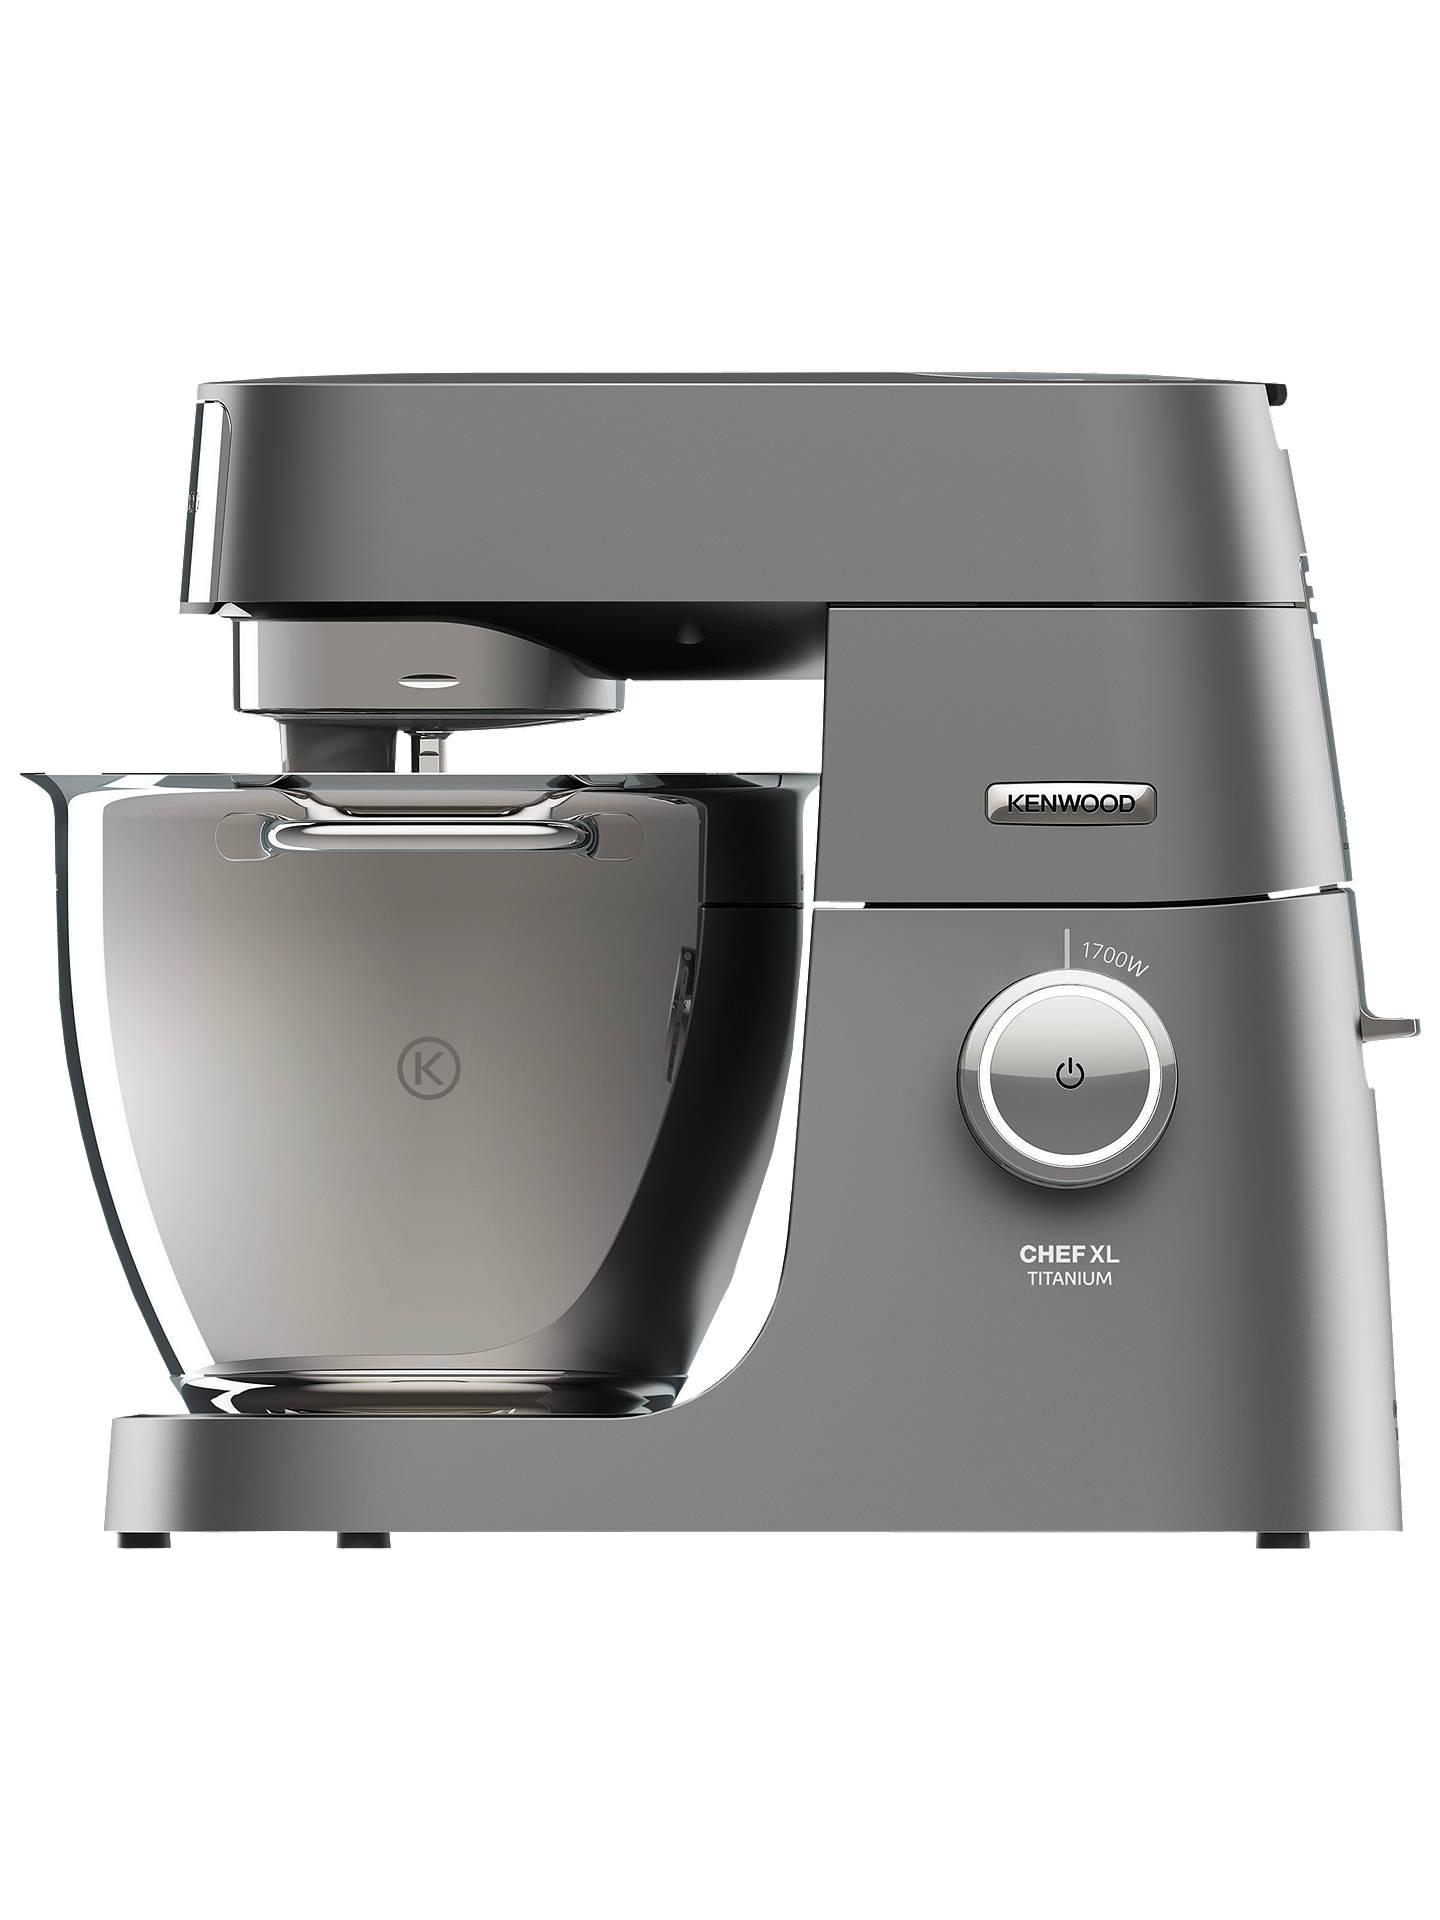 Kenwood Chef XL Titanium KVL8300S Food mixer £325 @ John lewis & Partners